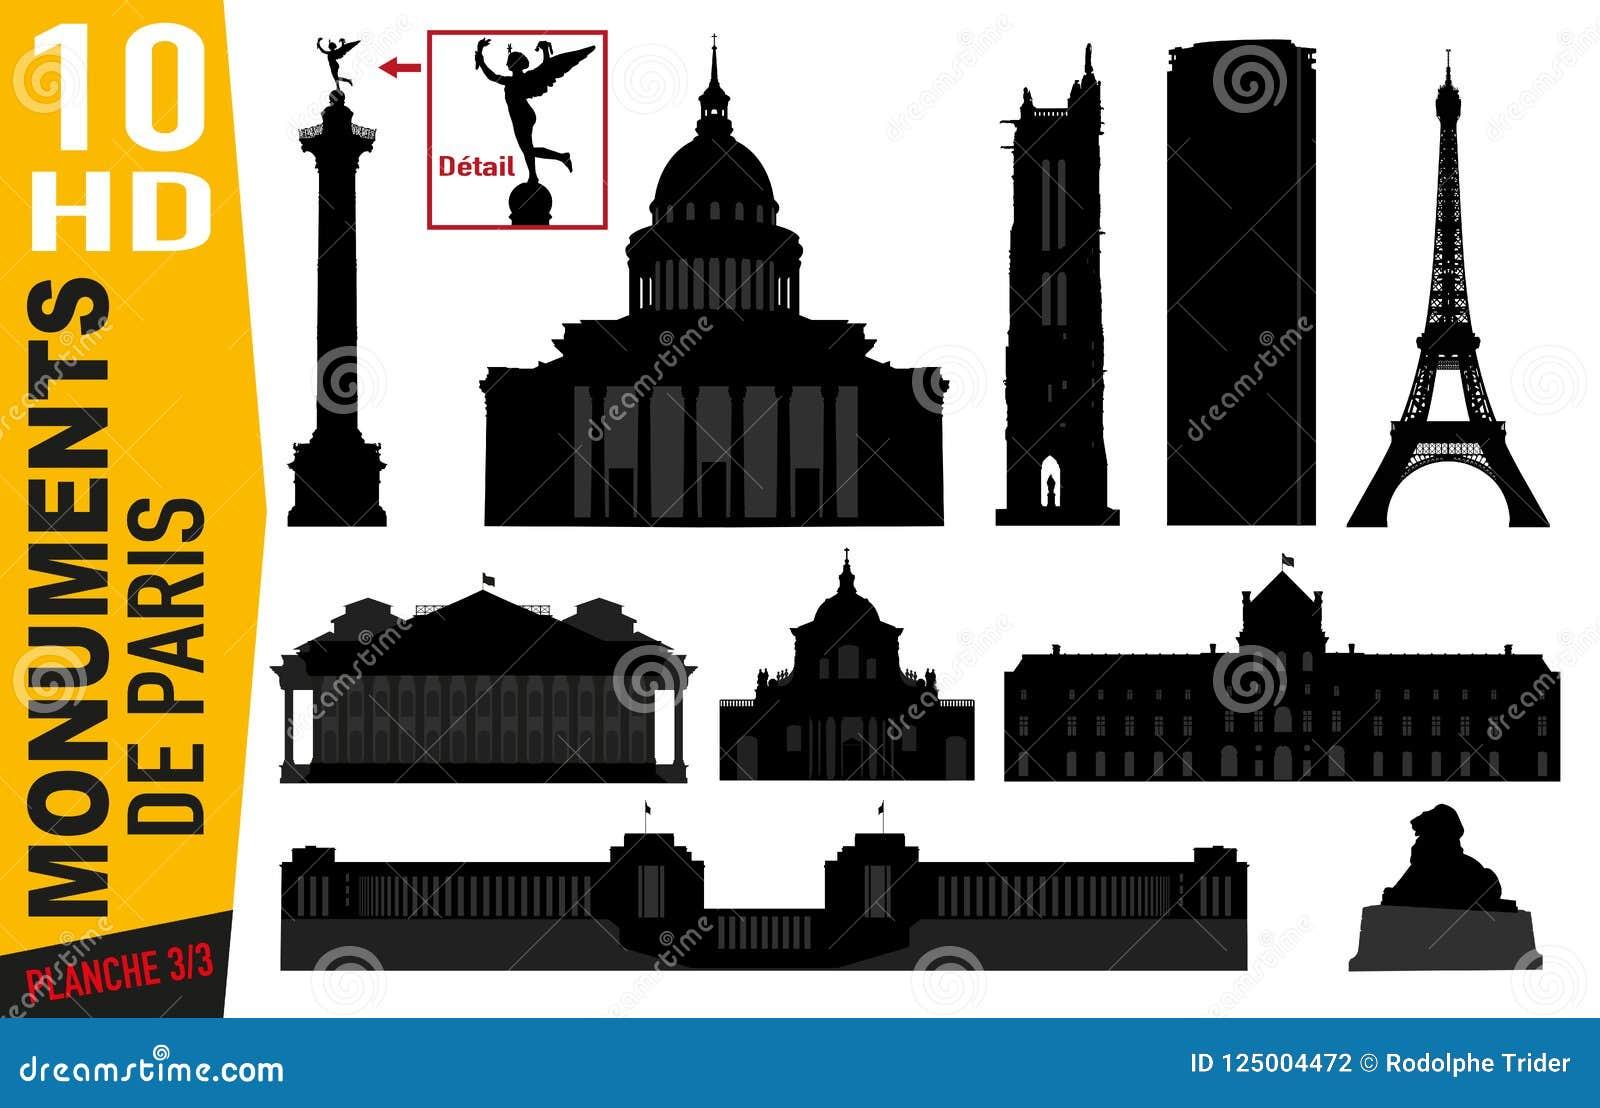 Pictograma do número de placa 3 de monumentos parisienses com a grelha, o panteão ou montparnasse